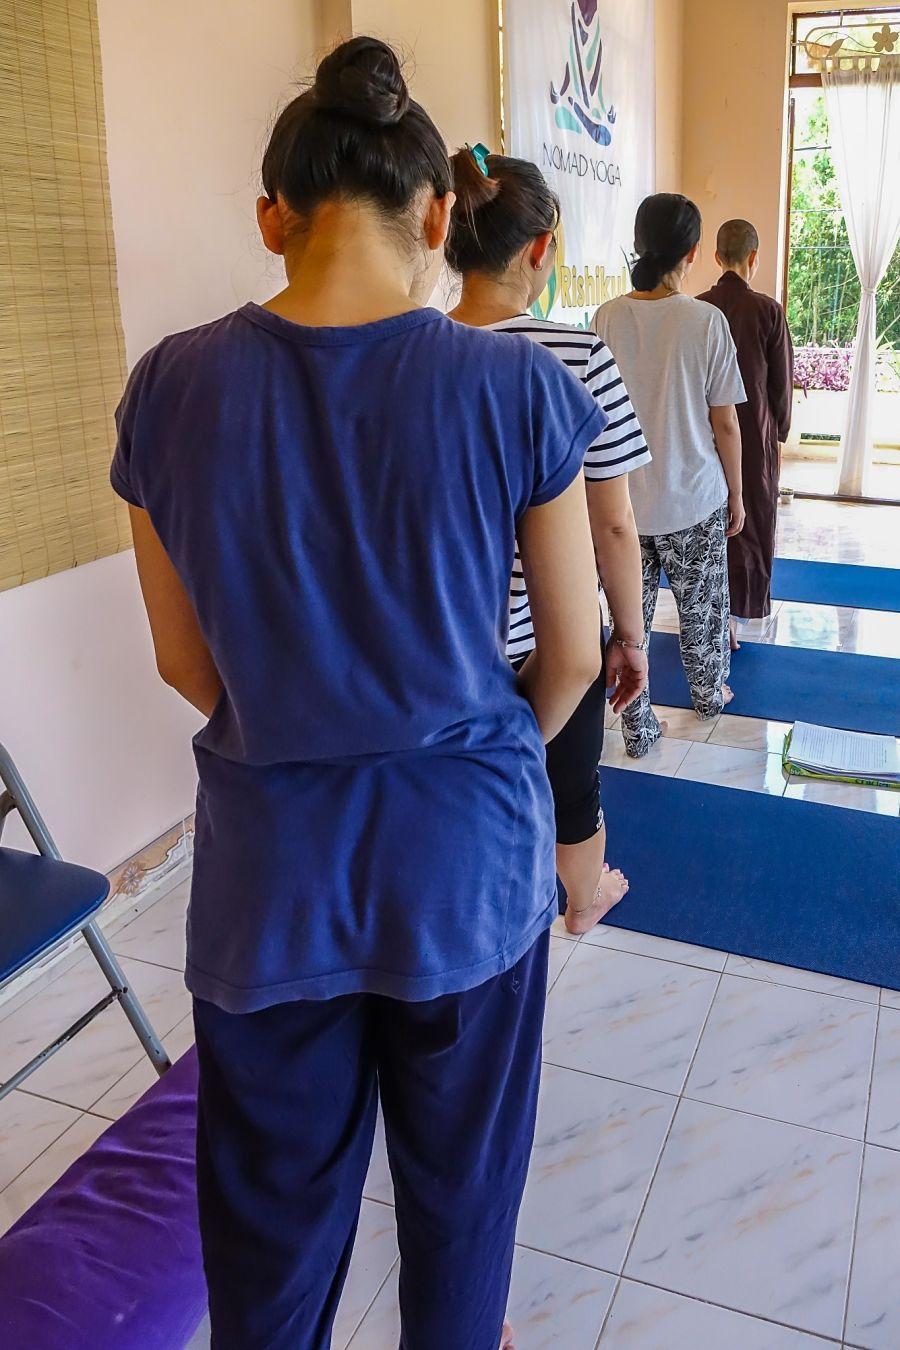 Mindful Meditation at Nomad Yoga, Hoi An Meditation, walking meditation_opt